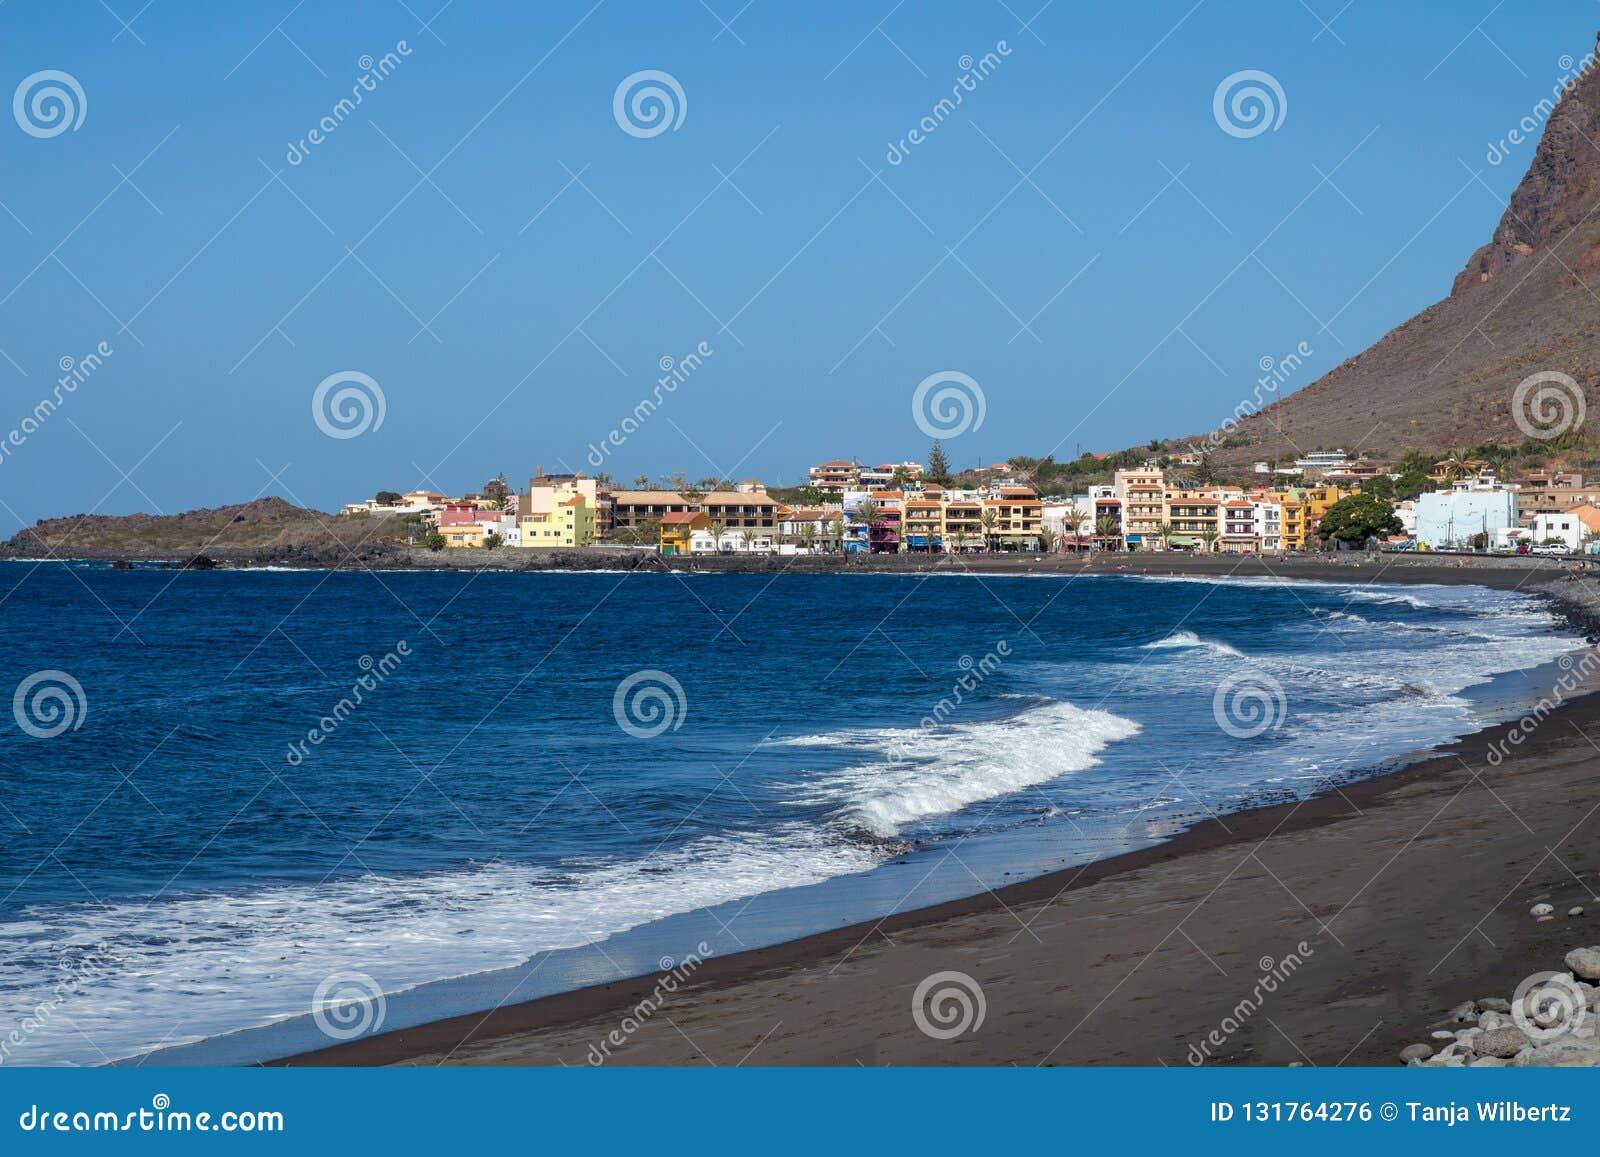 Weergeven van lavastrand in Valle Gran Rey met district van La Playa op achtergrond